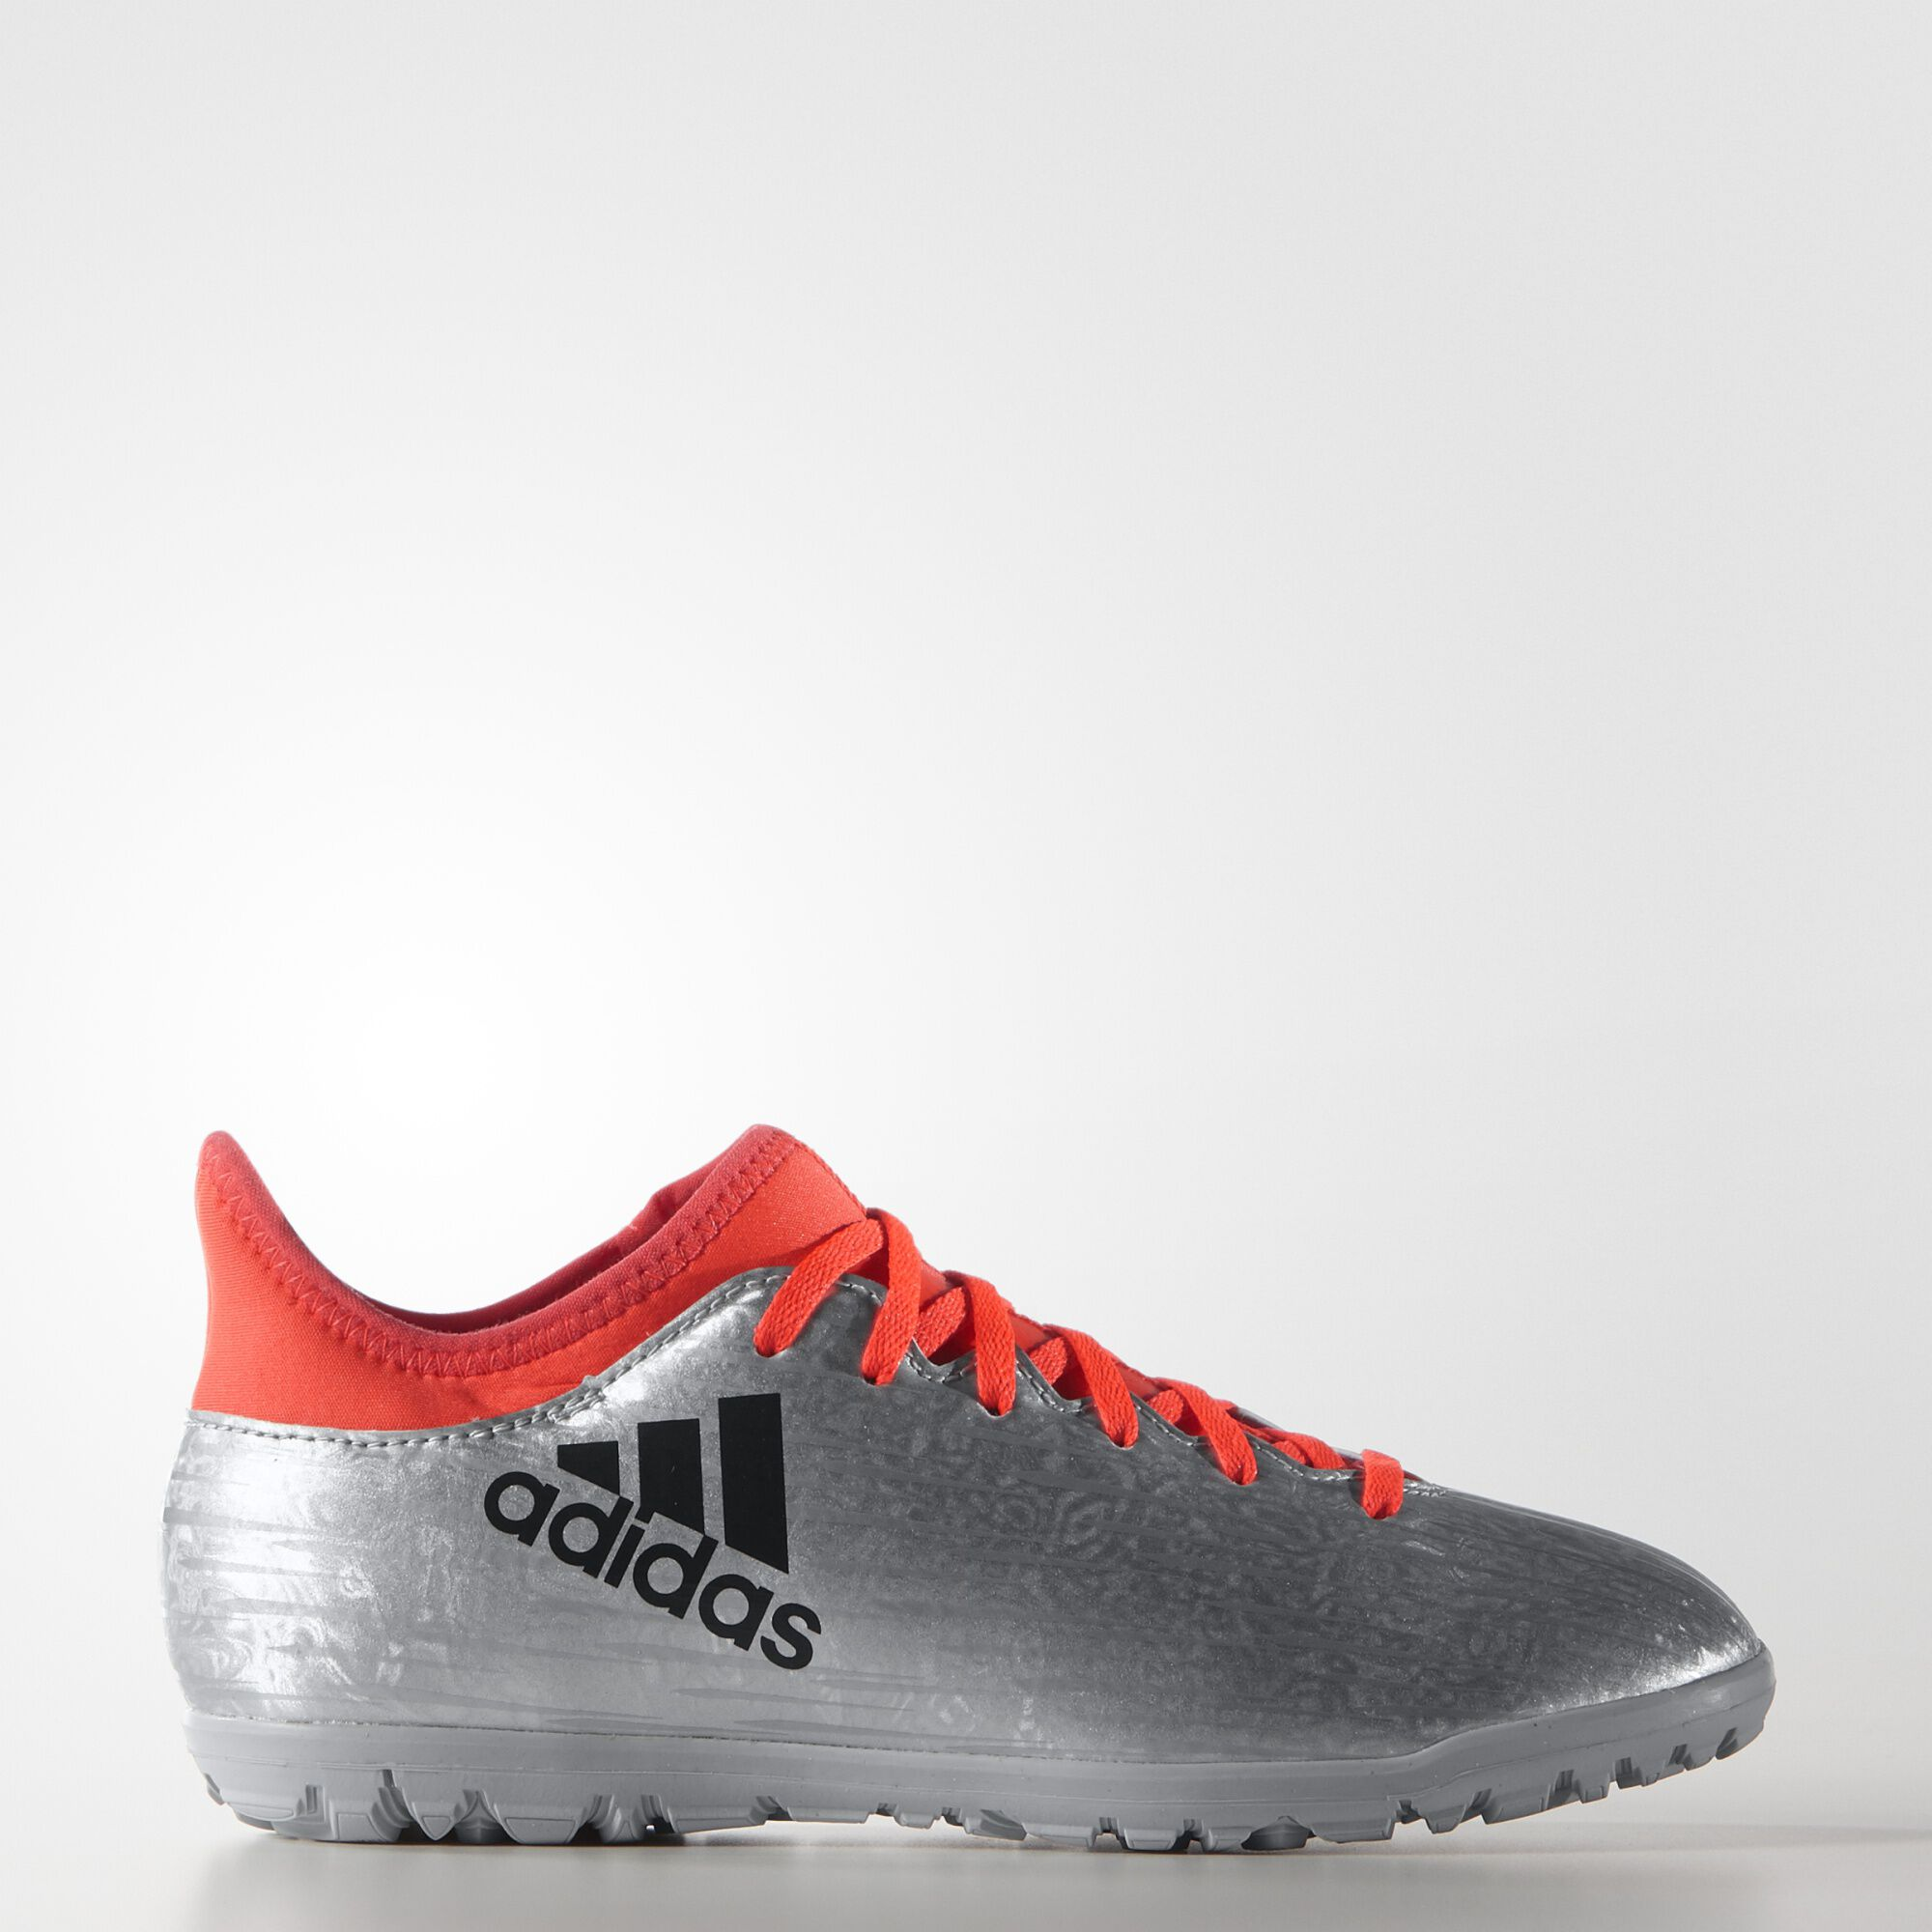 d8d80ad8105da S76469 01 standard sw 2000 sfrm jpg zapatos adidas plateados